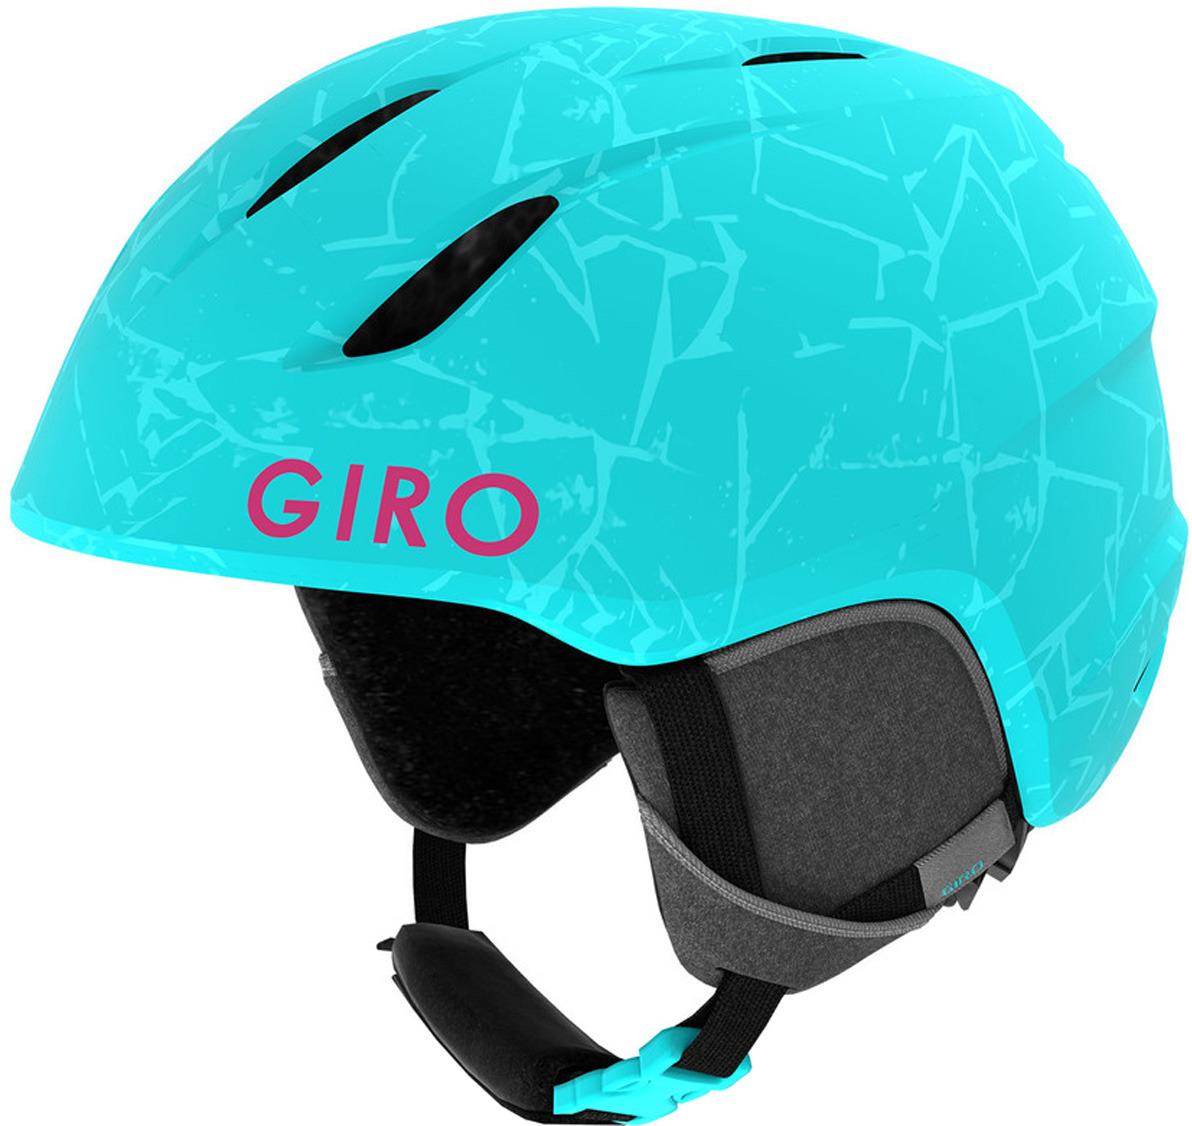 Шлем горнолыжный Giro Launch детский, 7094029, голубой, размер S (52-55)